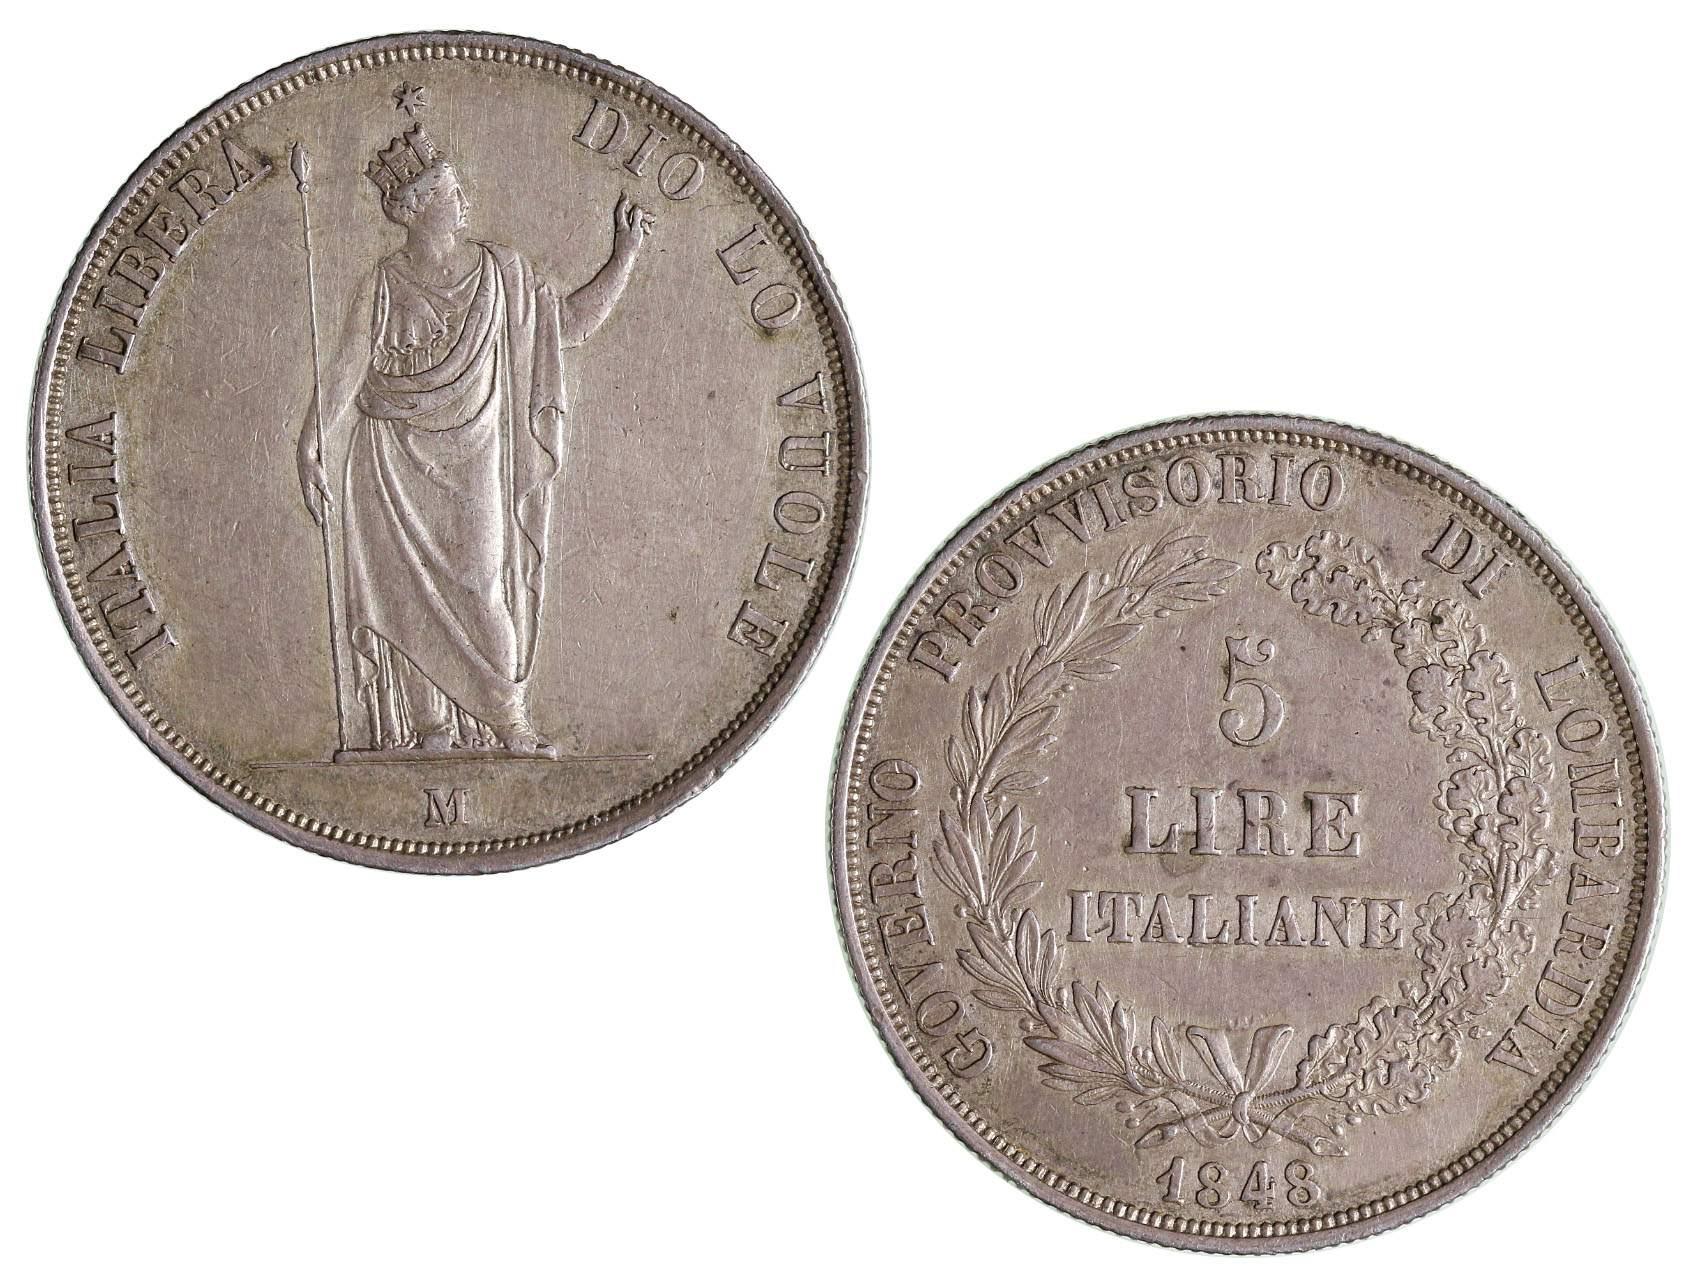 Ferdinand V 1835-1848 - 5 Lire 1848 M varianta - delší konce ratolestí nad letopočtem, N39b